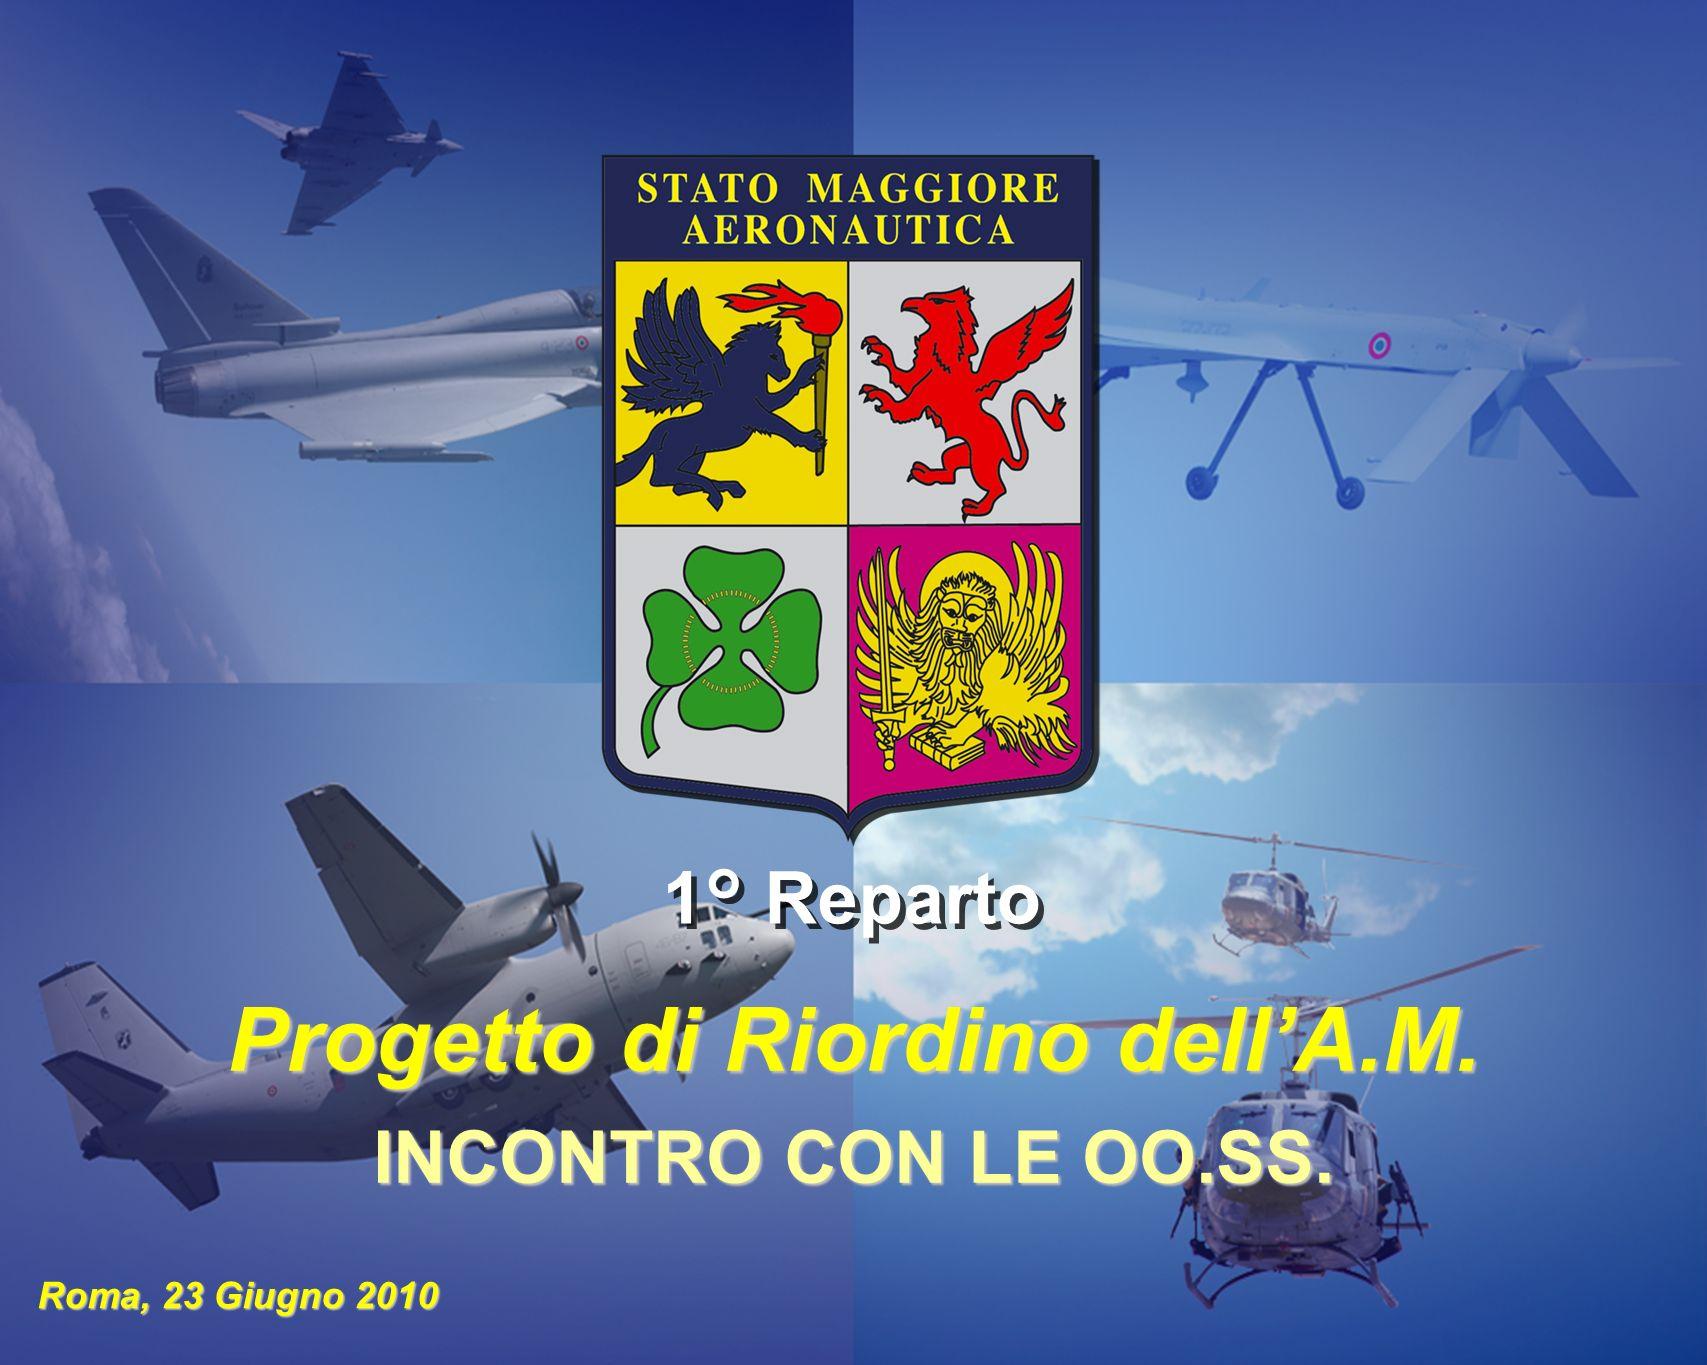 1 ORDINAMENTO E PERSONALE STATO MAGGIORE DELLAERONAUTICA 1° Reparto Roma, 23 Giugno 2010 Progetto di Riordino dellA.M. INCONTRO CON LE OO.SS.